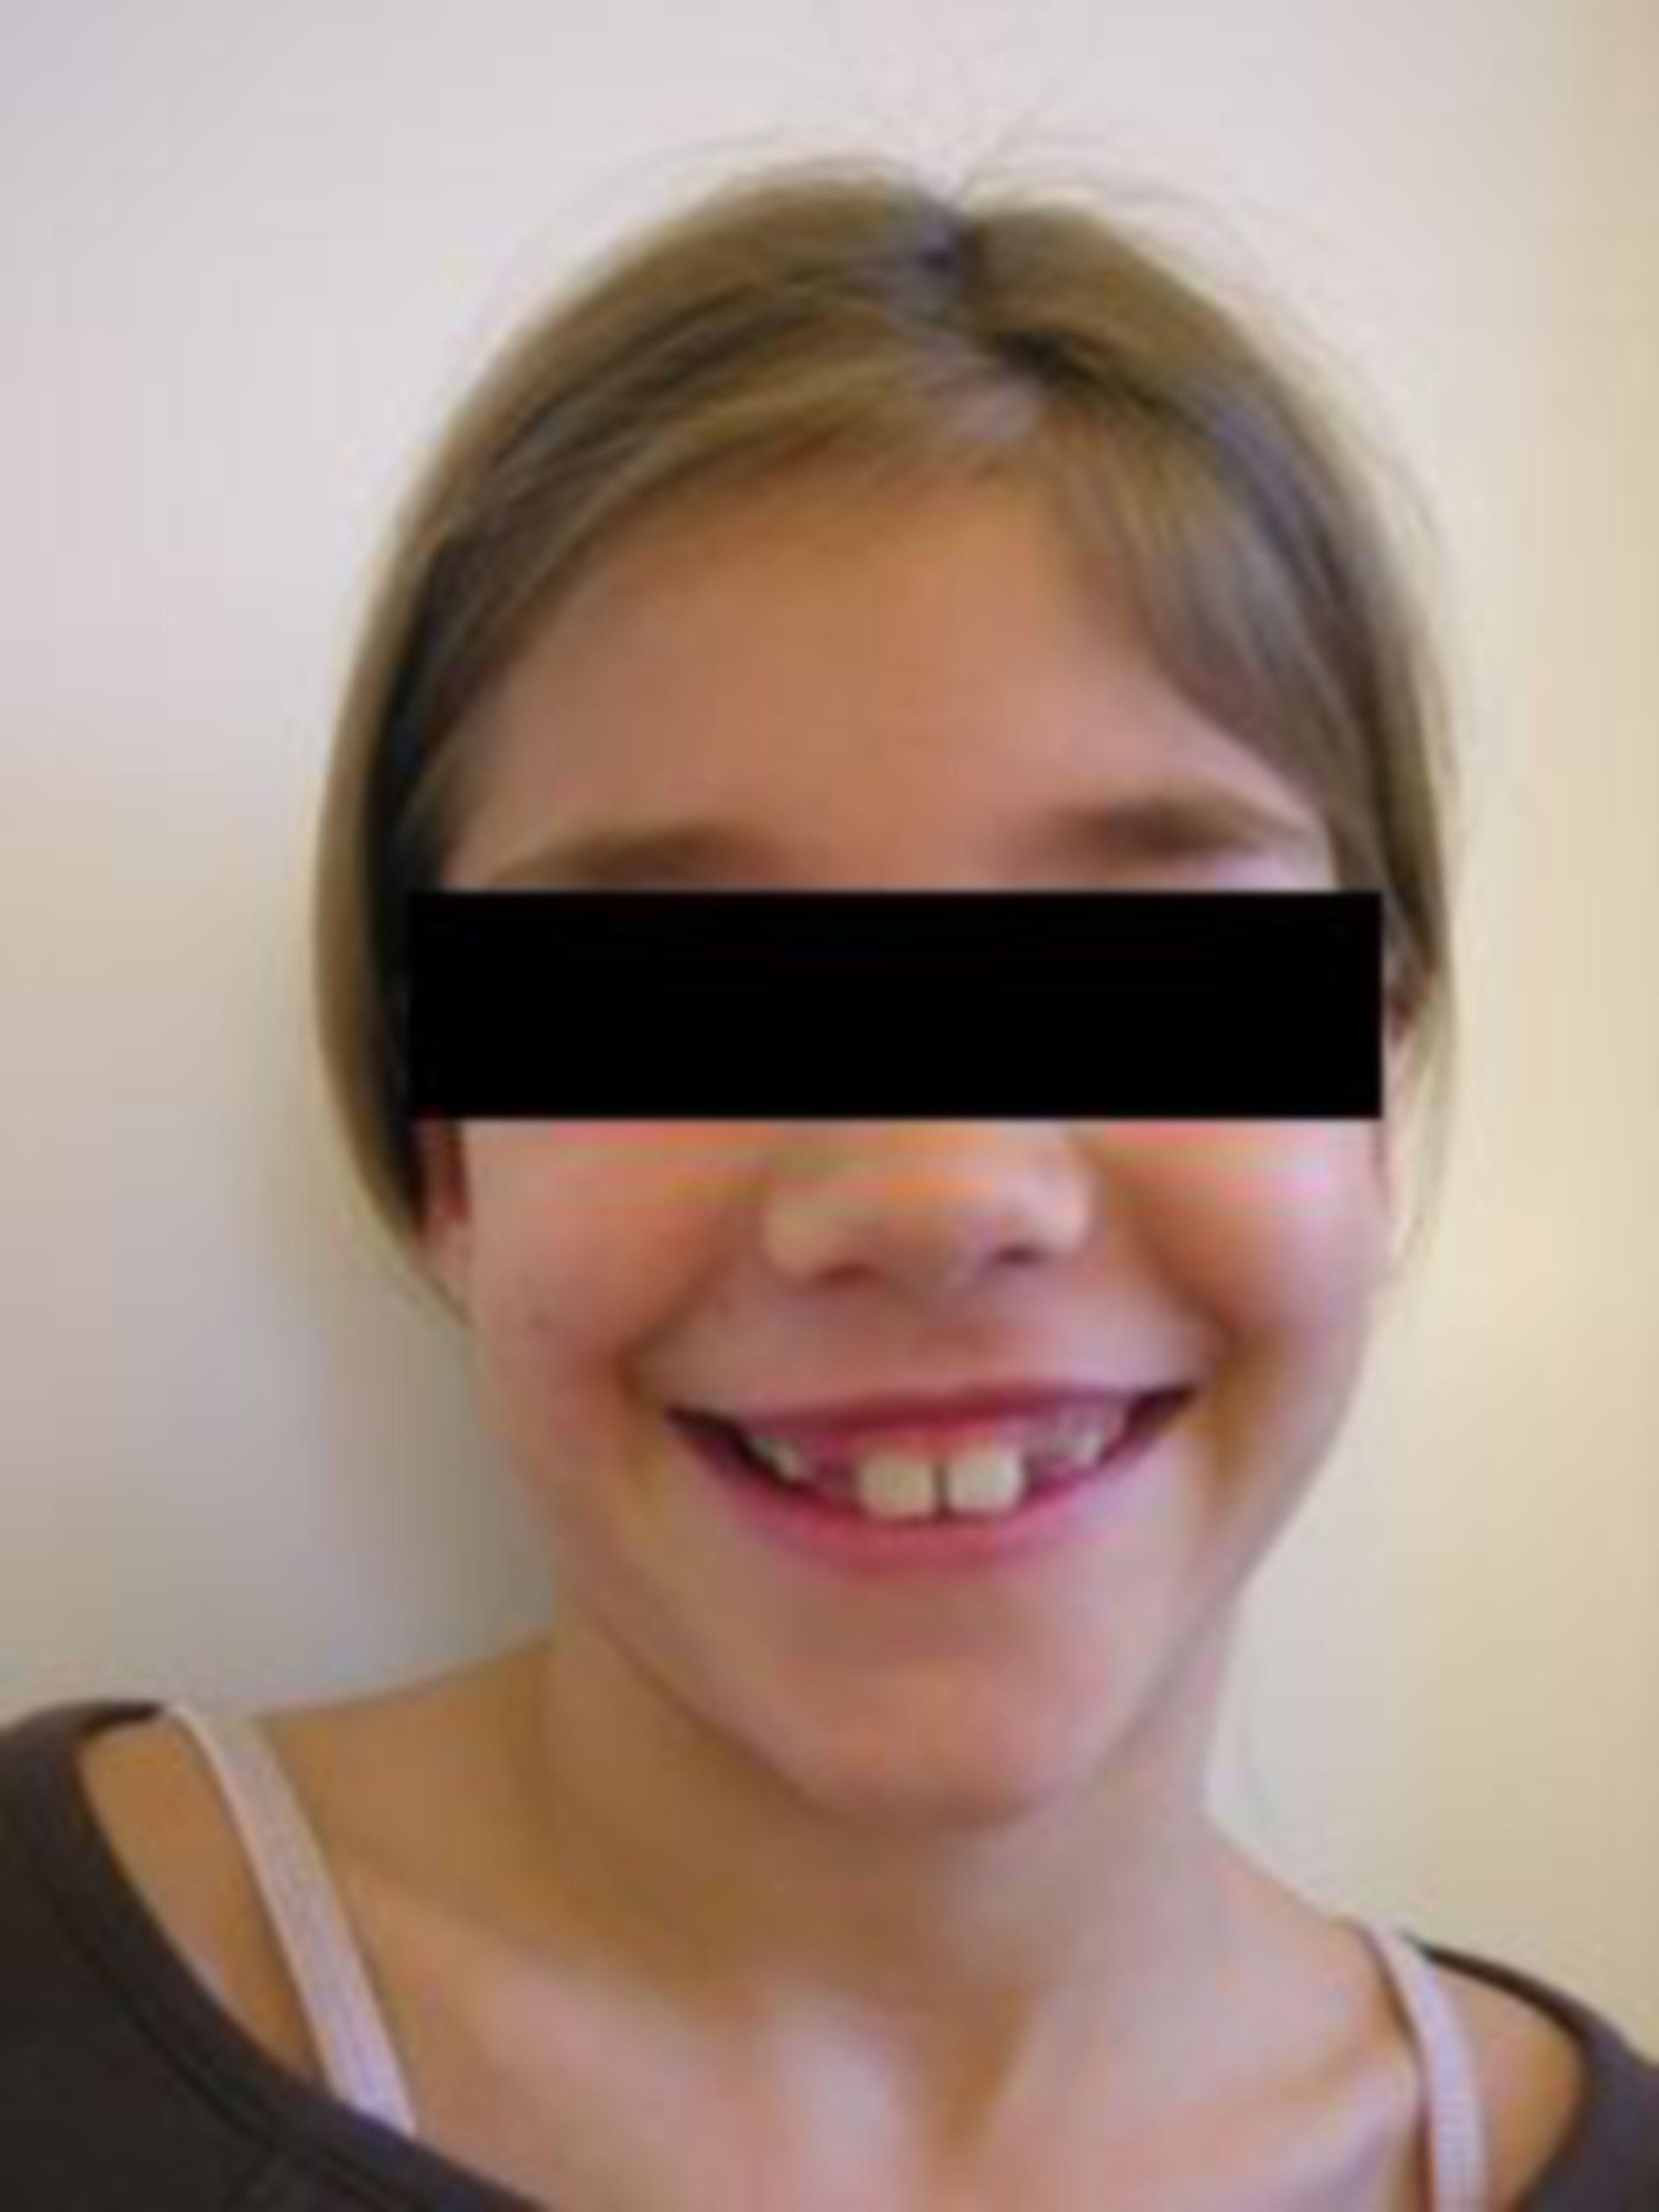 Dopo la chirurgia plastica delle orecchie